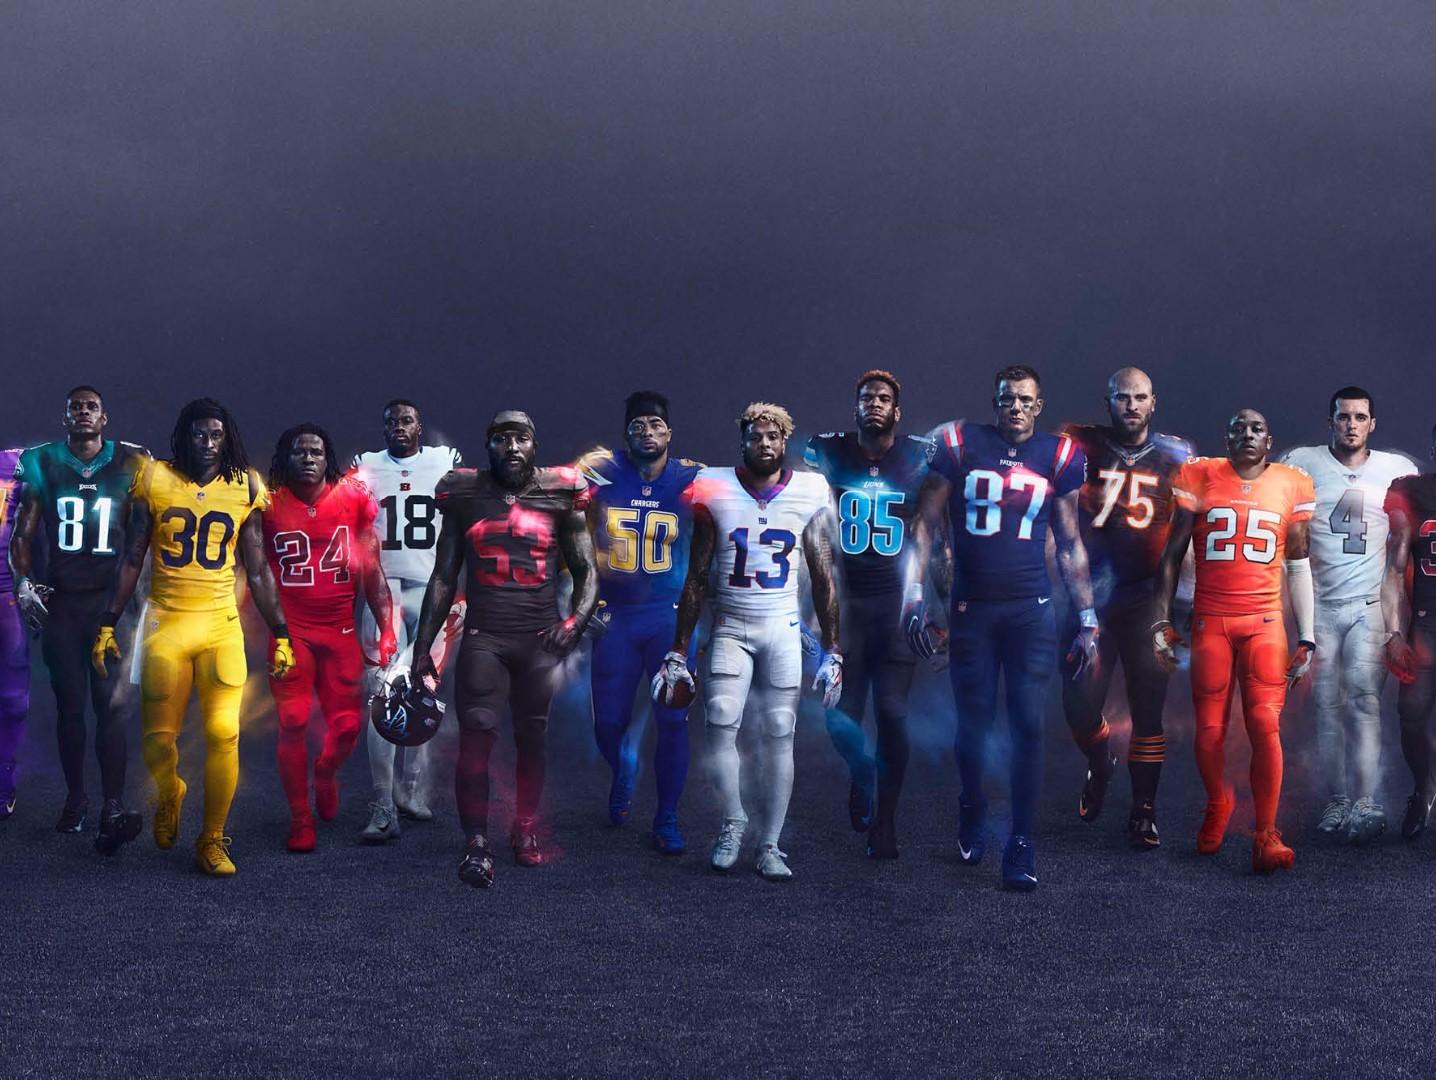 School Closings And Delays >> 2016 NFL 'Color Rush' uniforms | 12NEWS.com